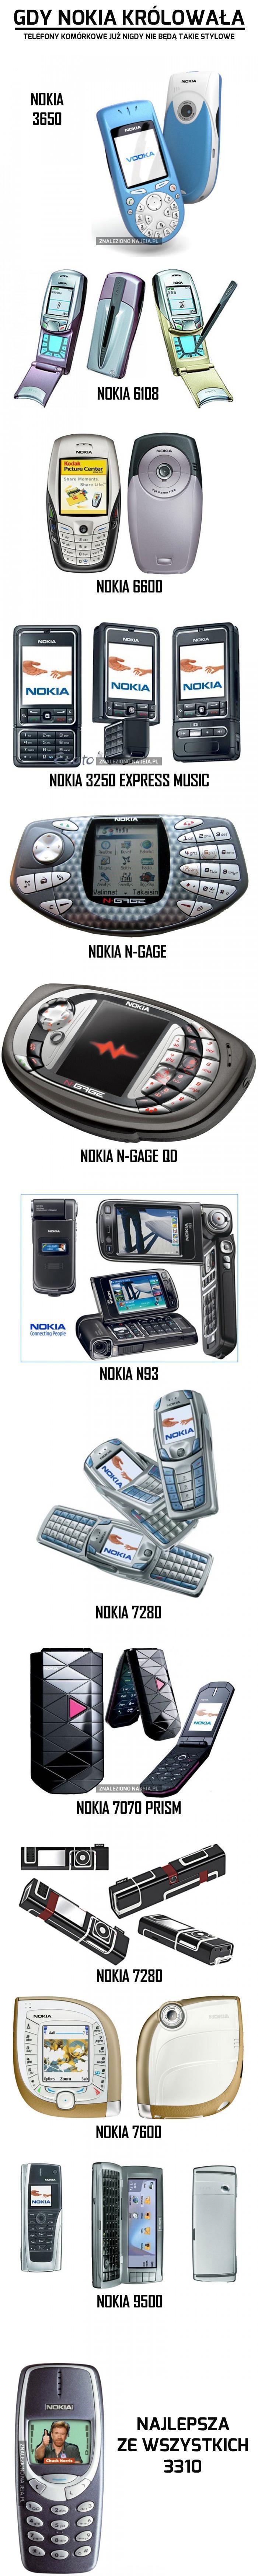 Gdy Nokia królowała